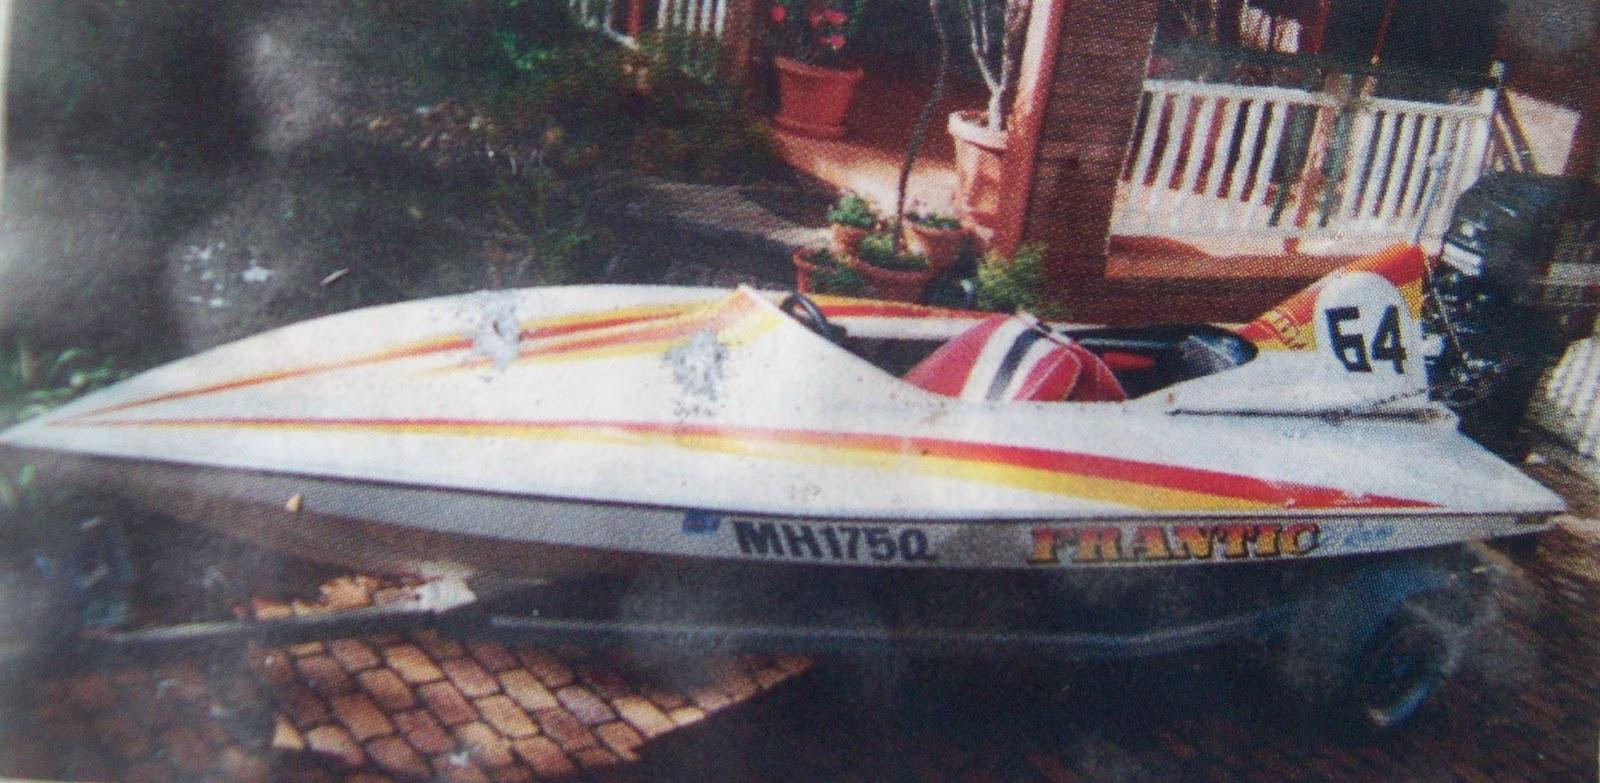 Aussie Skiboats Random Bullet Tunnel Deck